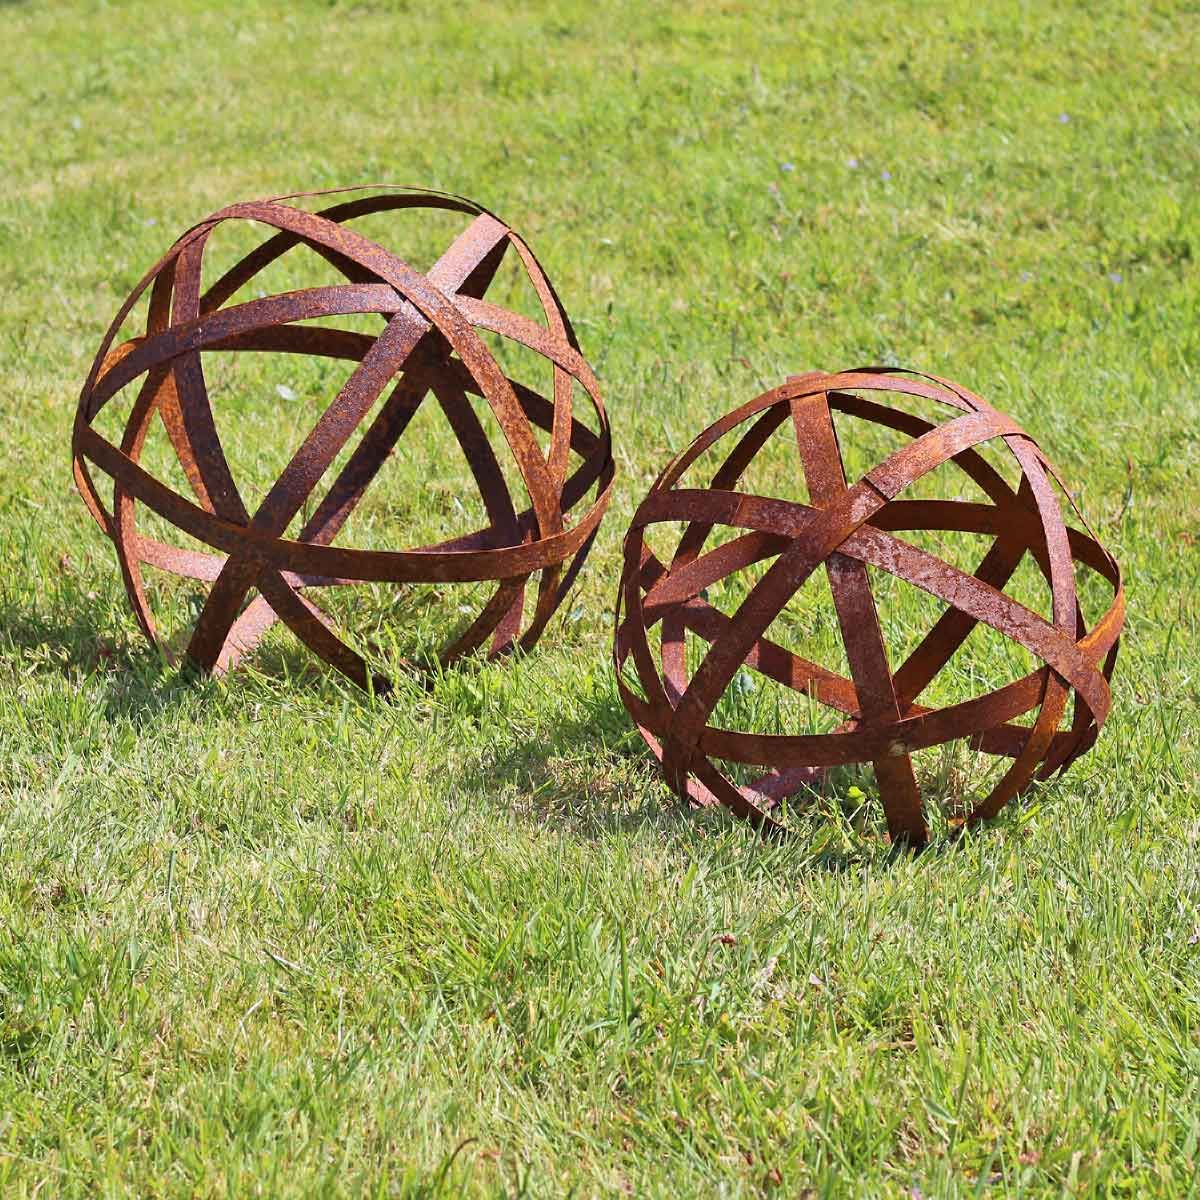 Boule A Arceaux Deco Jardin En Metal Decorations De Jardin En Metal Objet Deco Jardin Deco Jardin